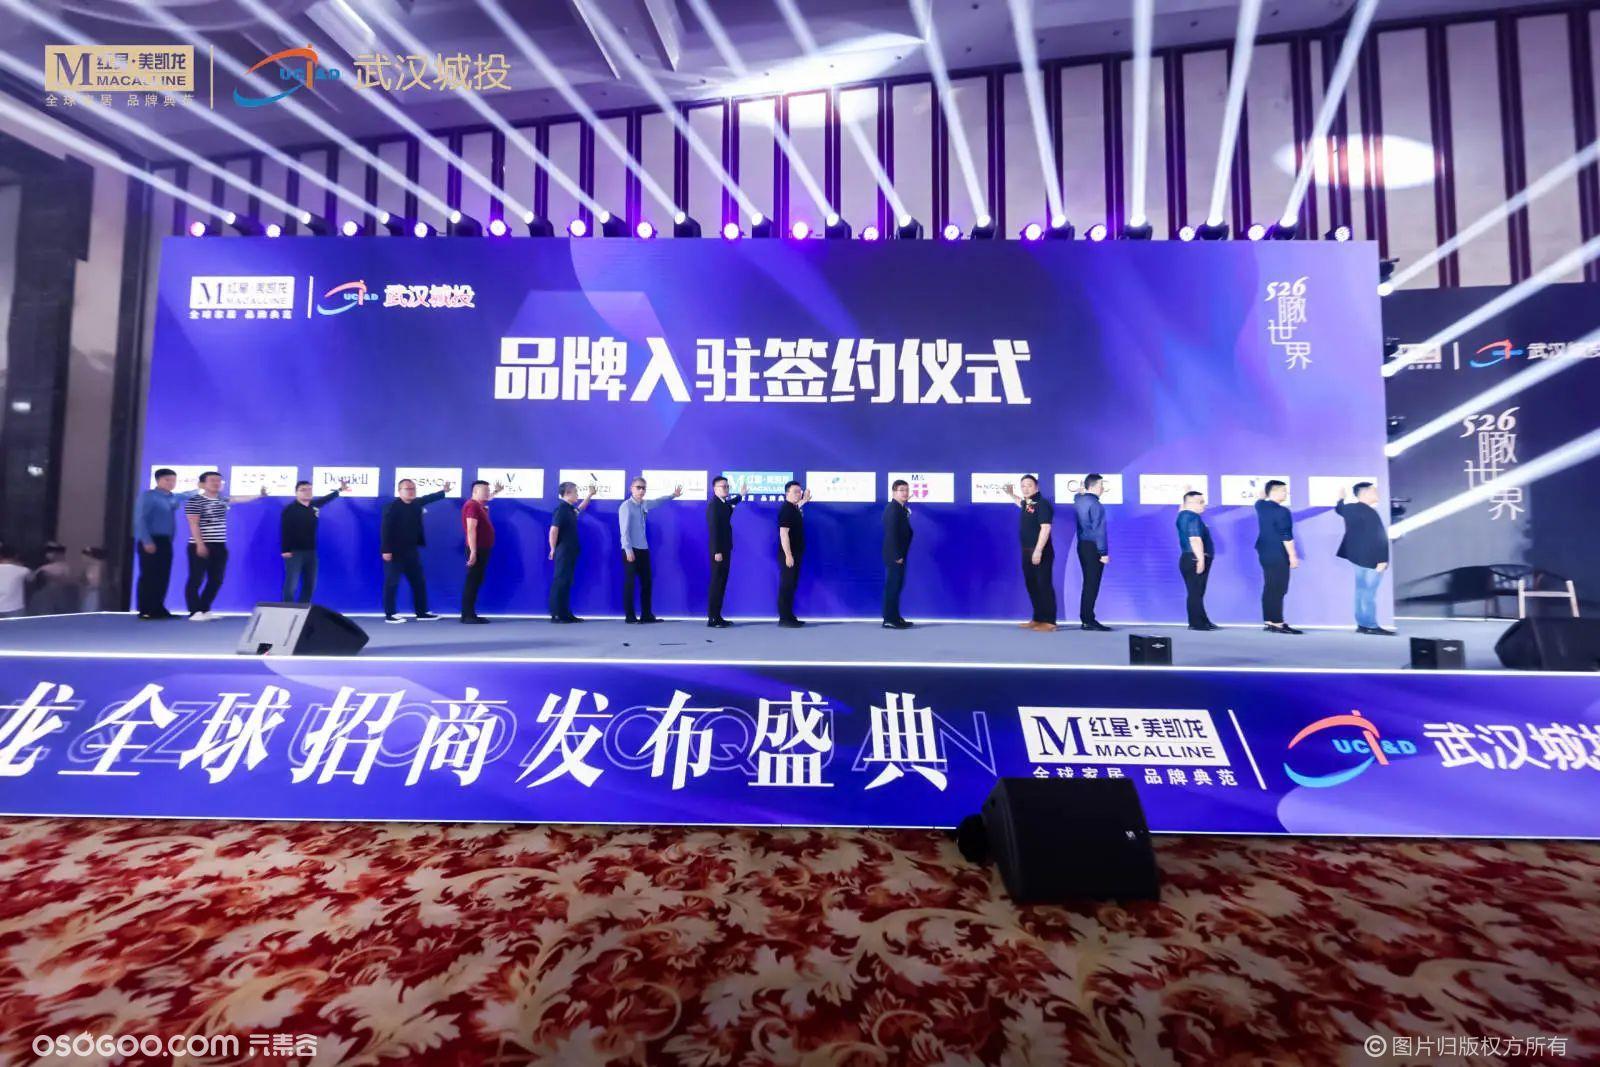 2021红星美凯龙全球招商发布盛典